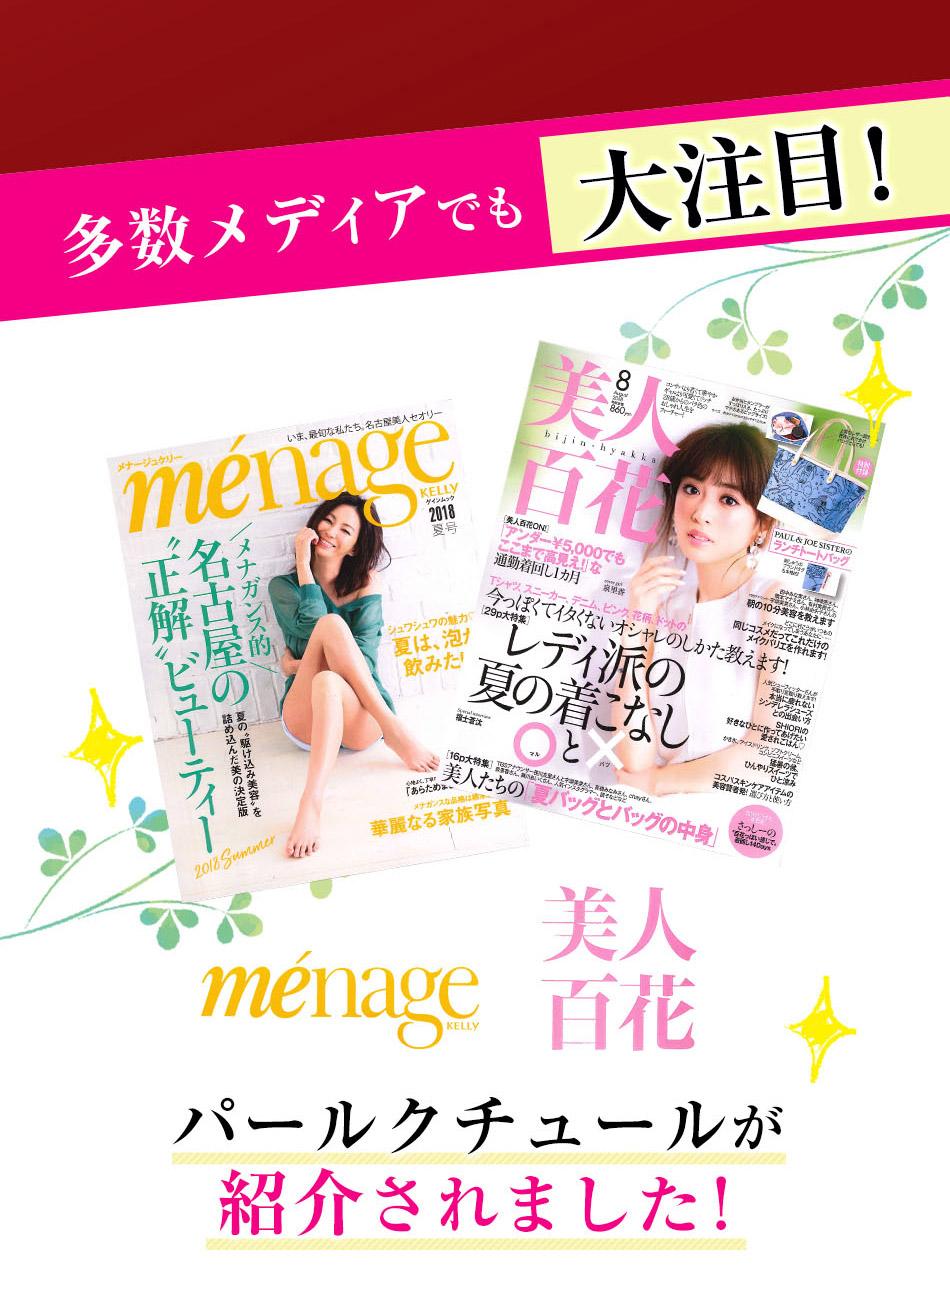 雑誌に紹介されました!